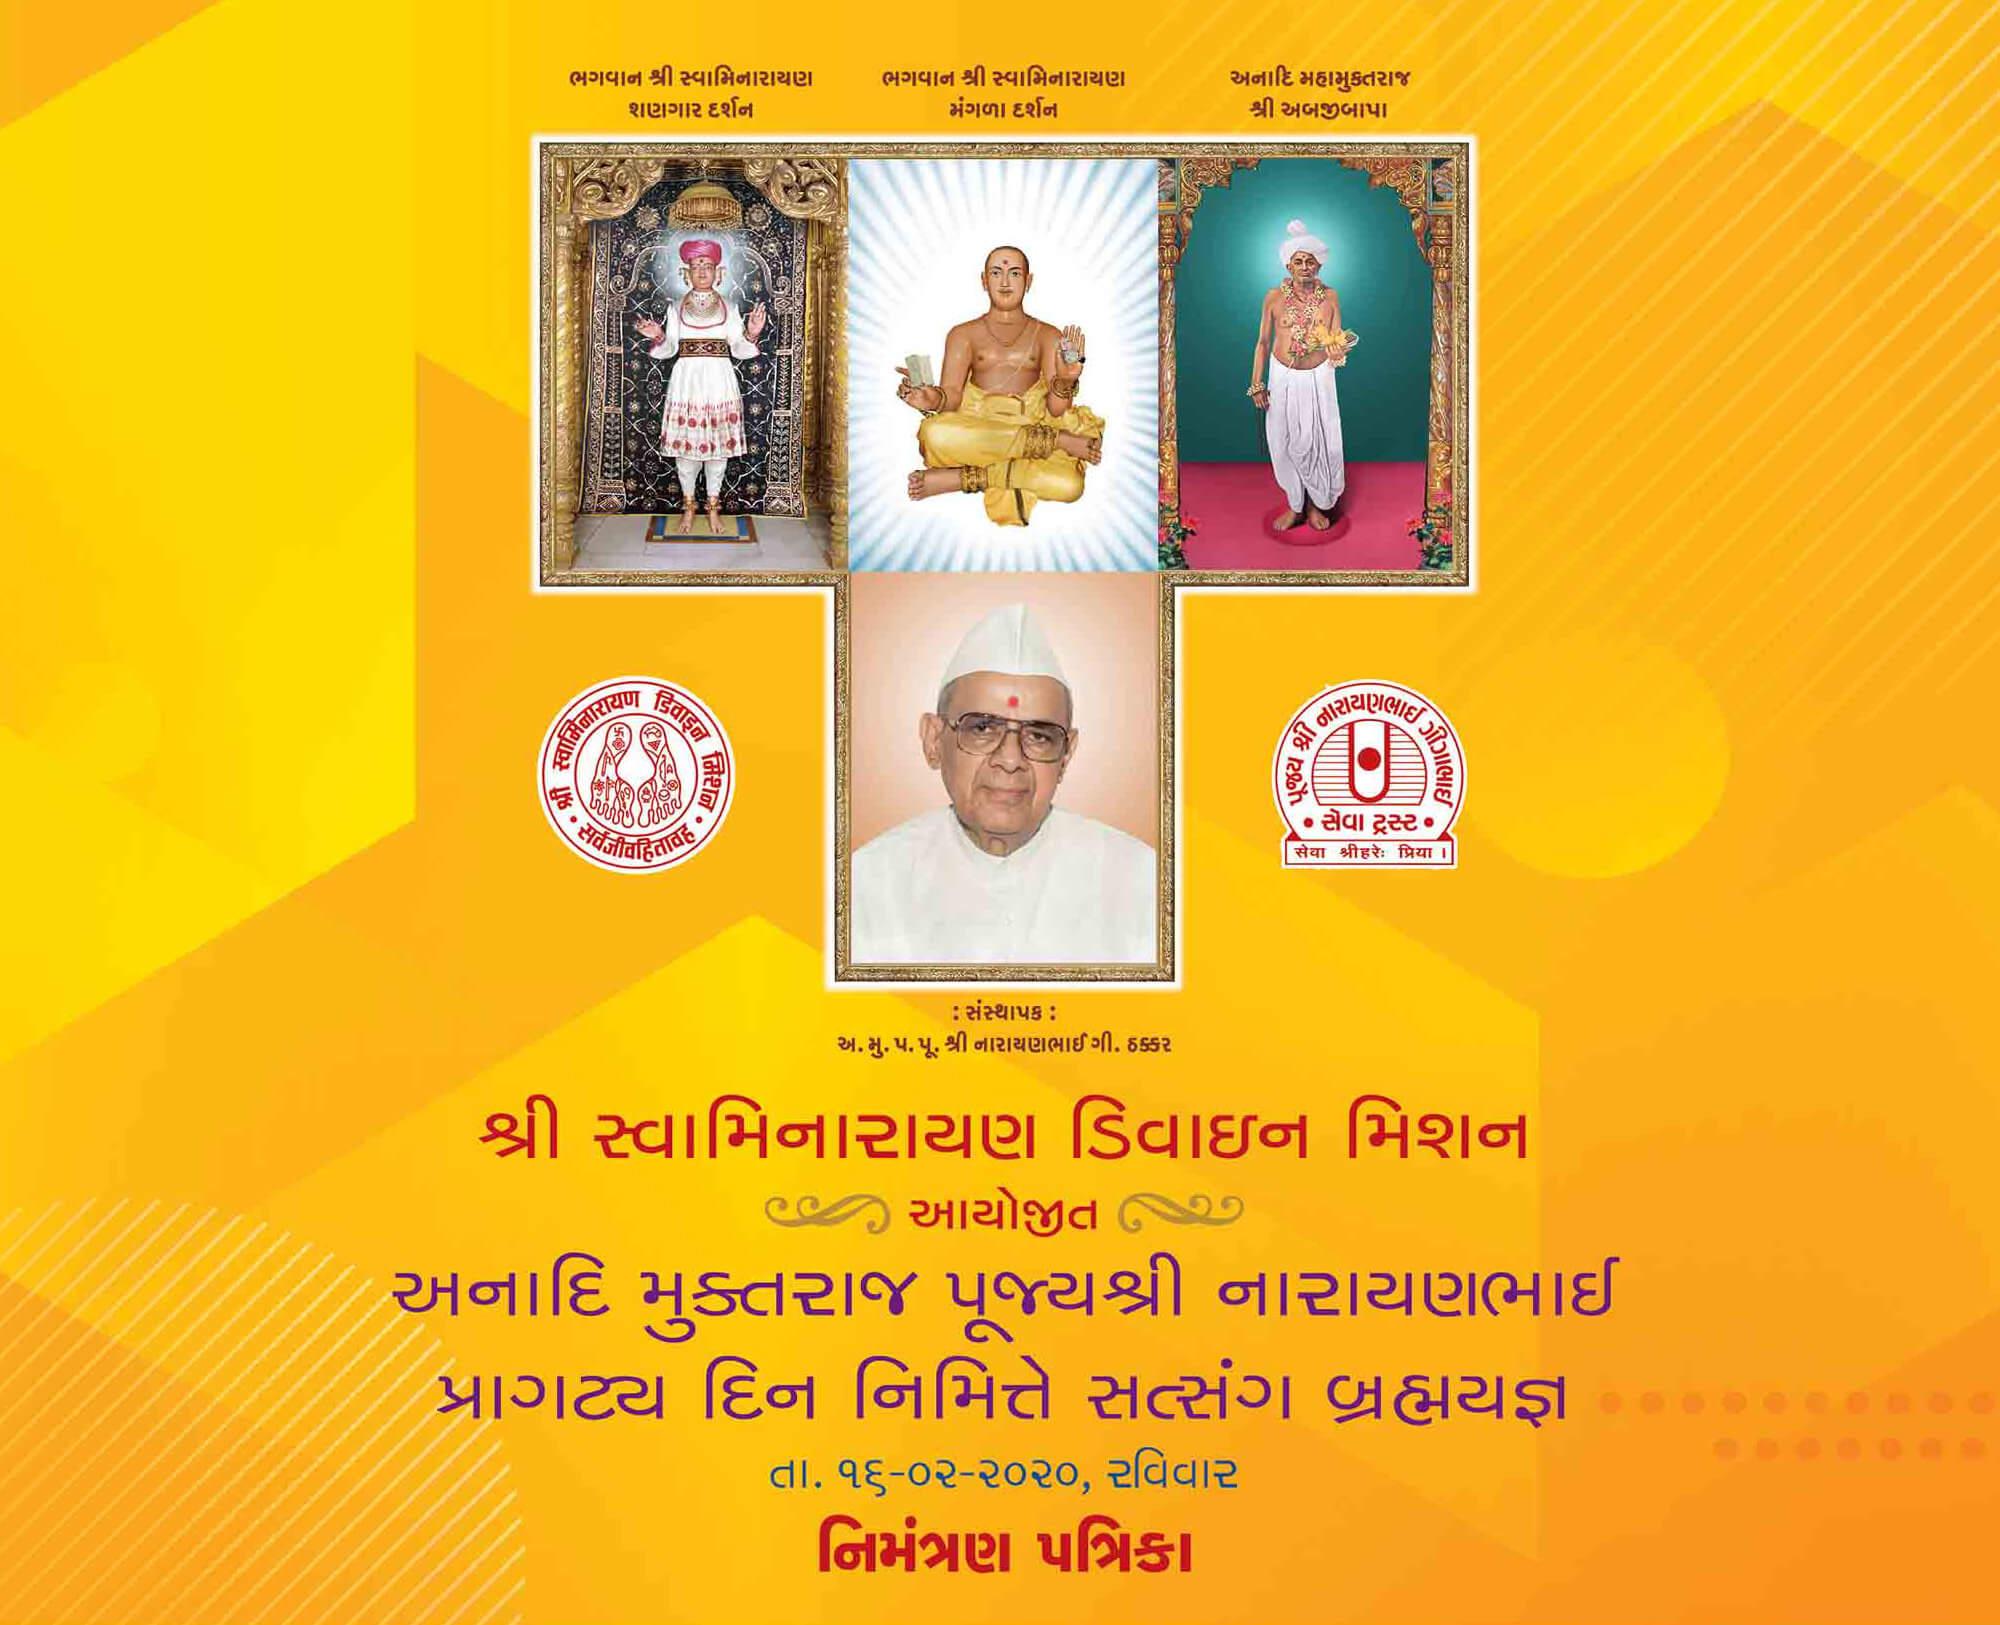 Pujyashri Narayanbhai Pragtyadin Satsang Brahmyagna Dt 16-02-2020